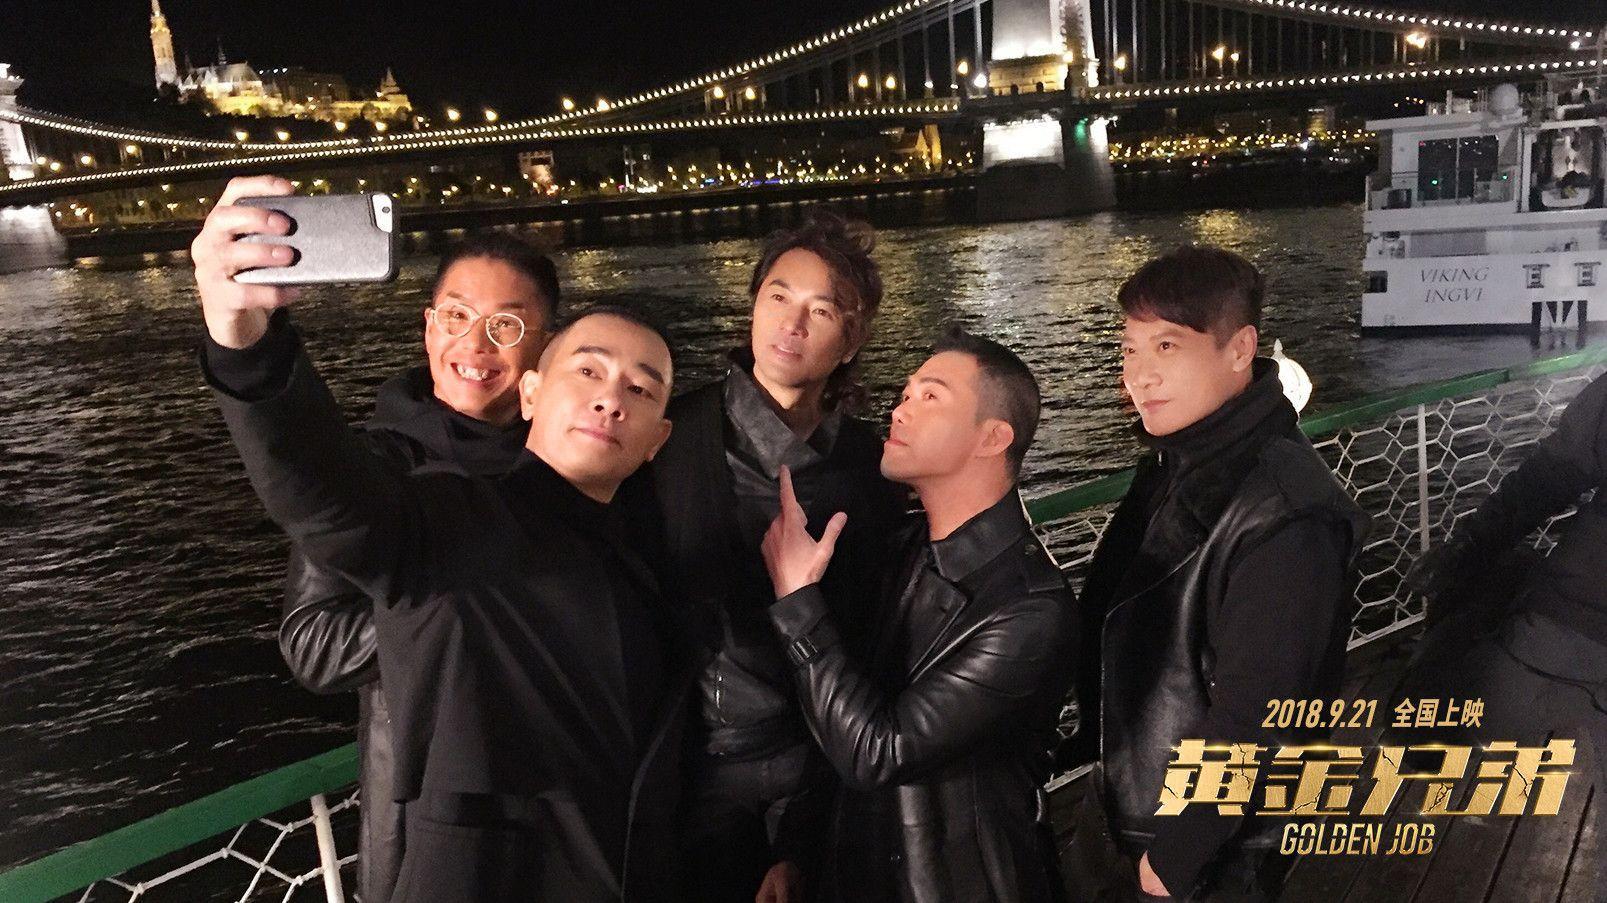 《黄金兄弟》曝推广曲《岁月友情》,成龙御用音乐团队倾力支持